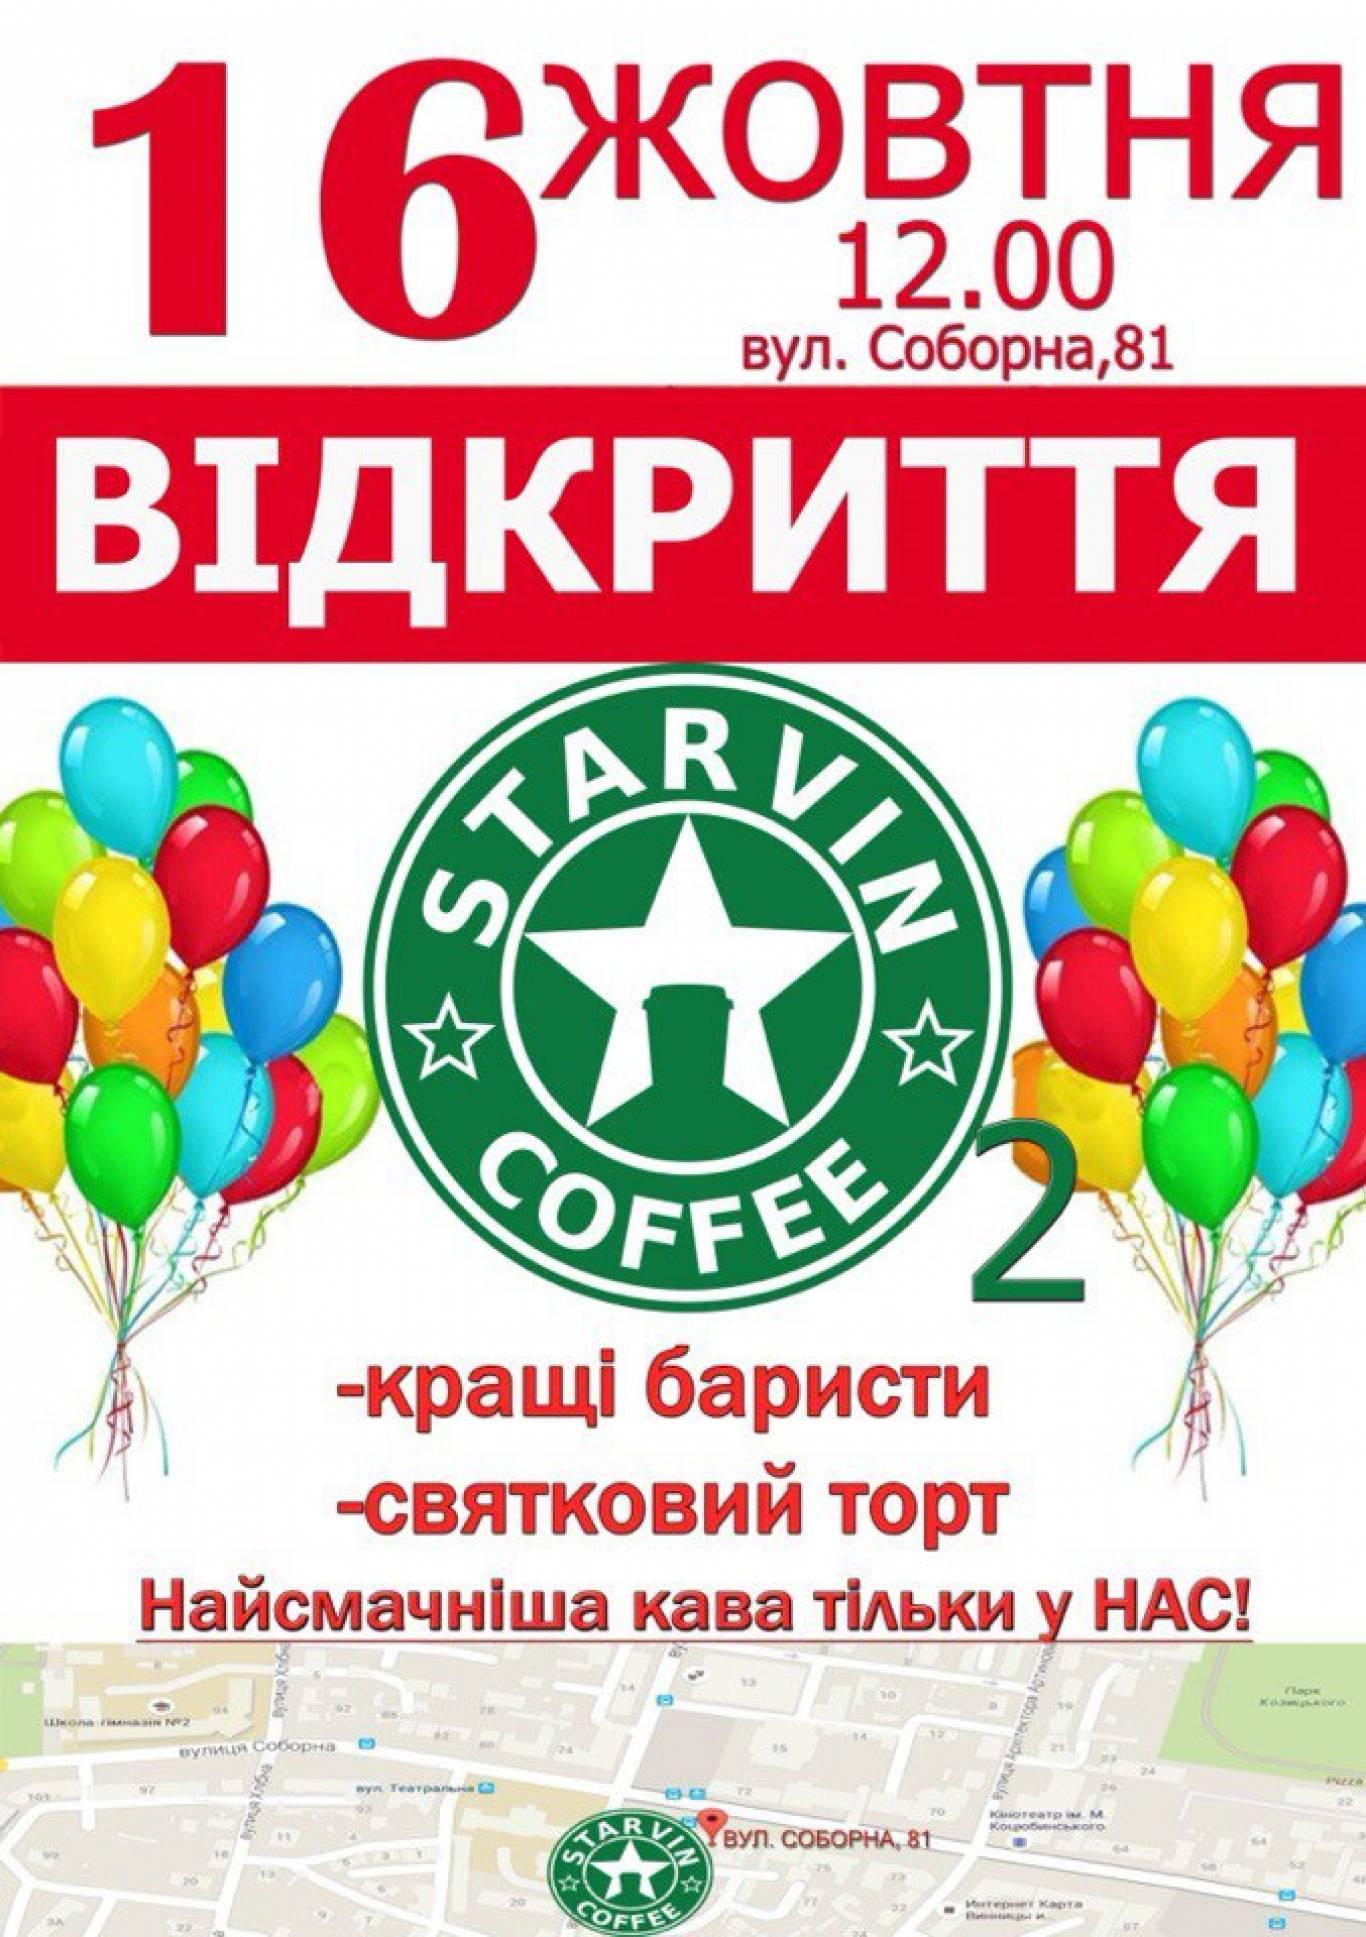 Відкриття кав'ярні «Starvin Coffee» на Соборній